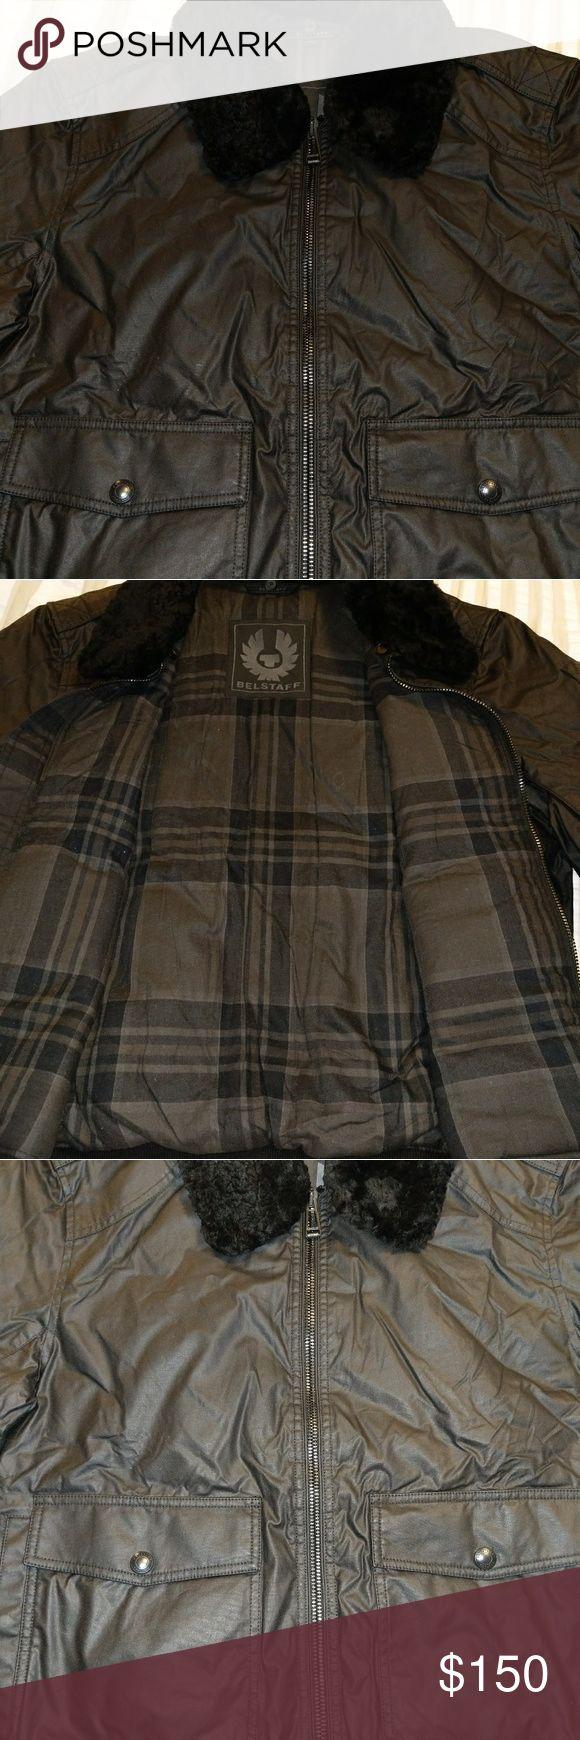 Belstaff bomber jacket Awesome bomber jacket by Belstaff Belstaff Jackets & Coats Bomber & Varsity